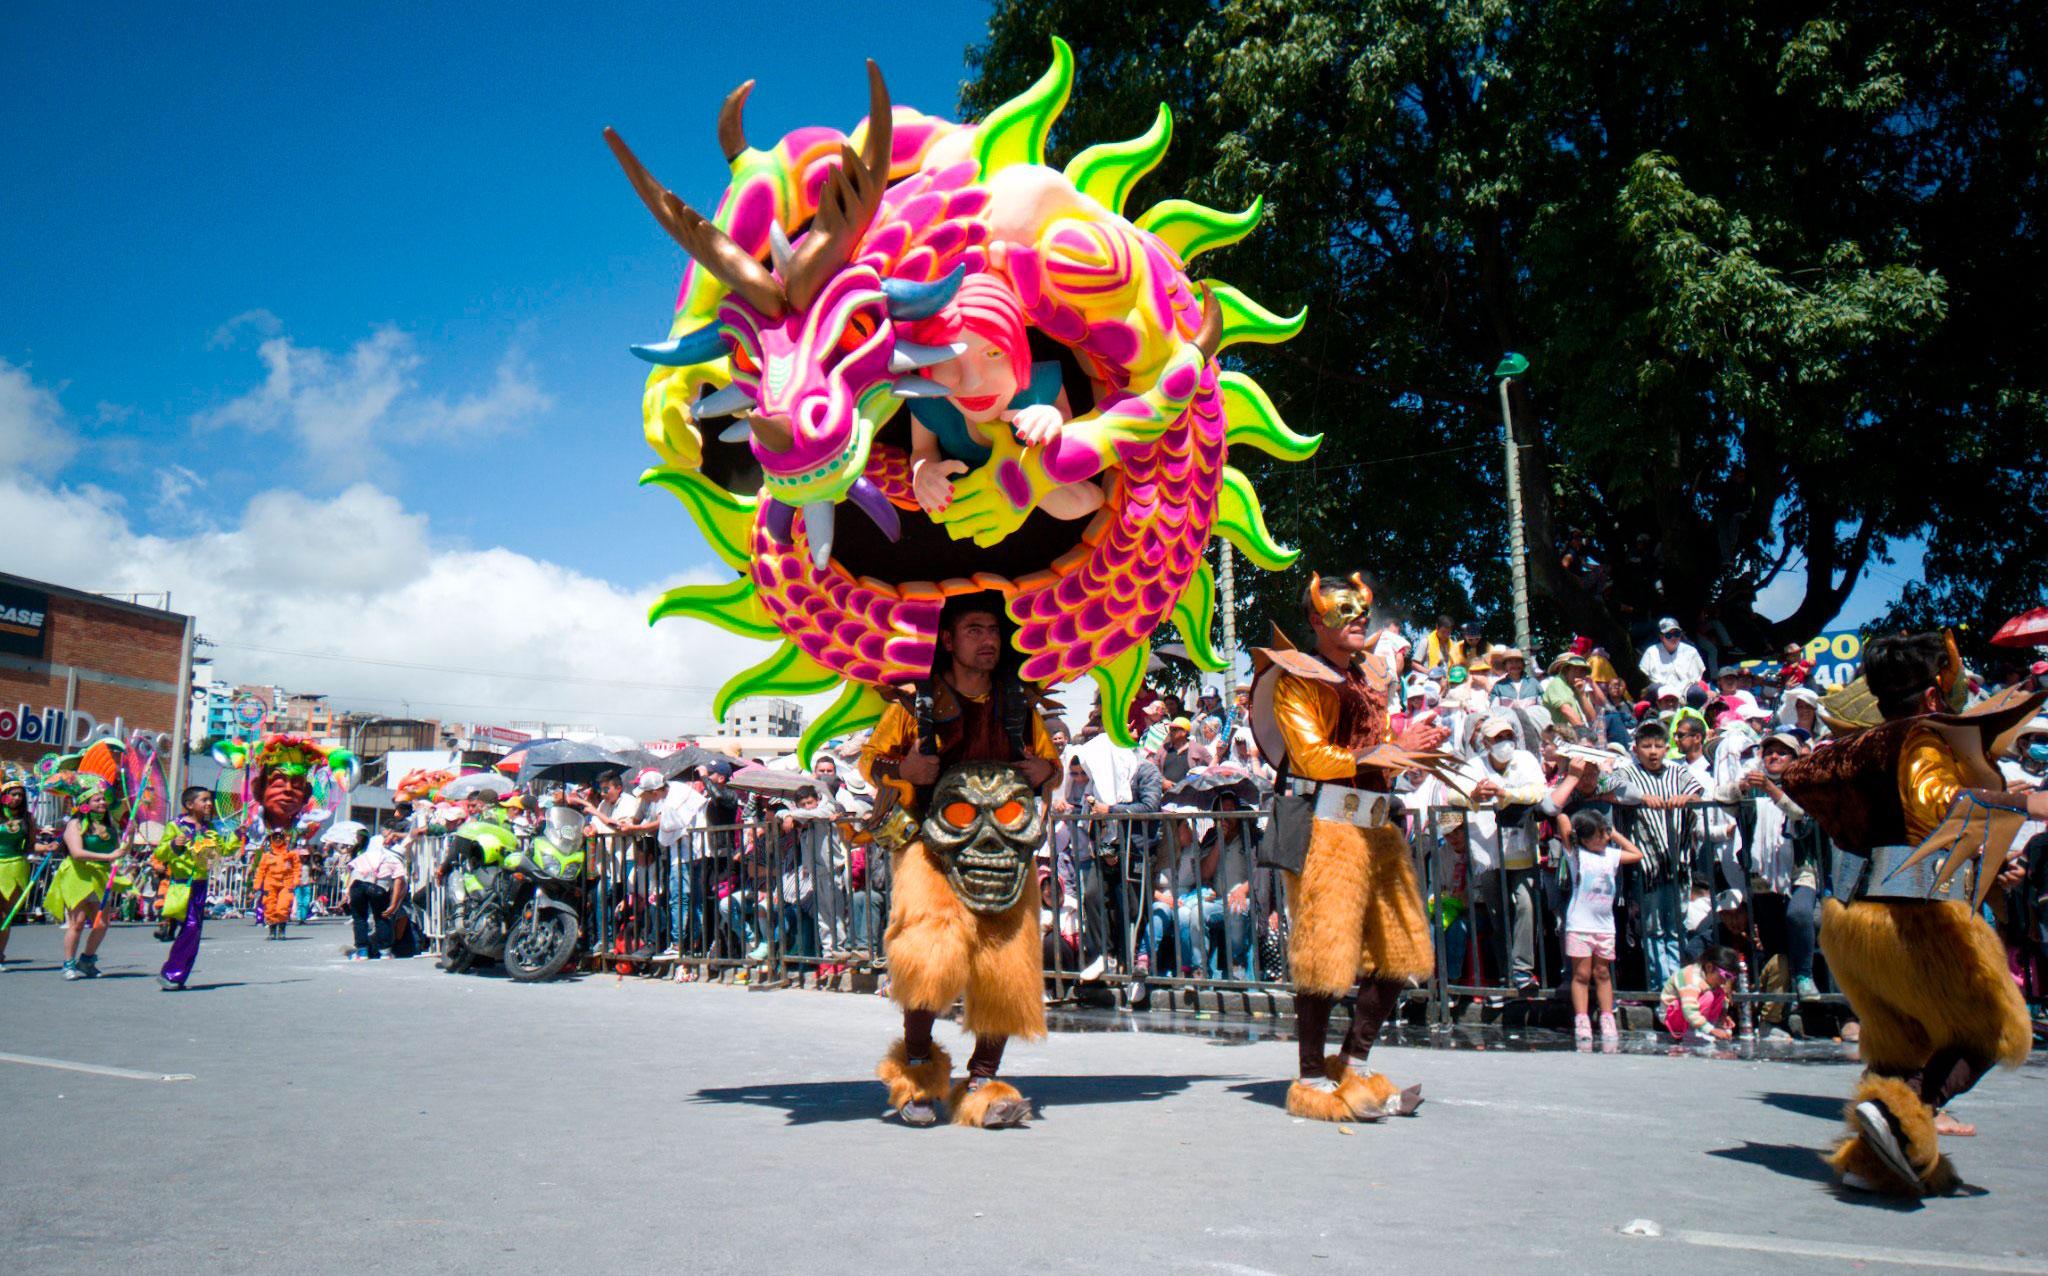 Carnavales de negros y blancos reúnen a miles de turistas